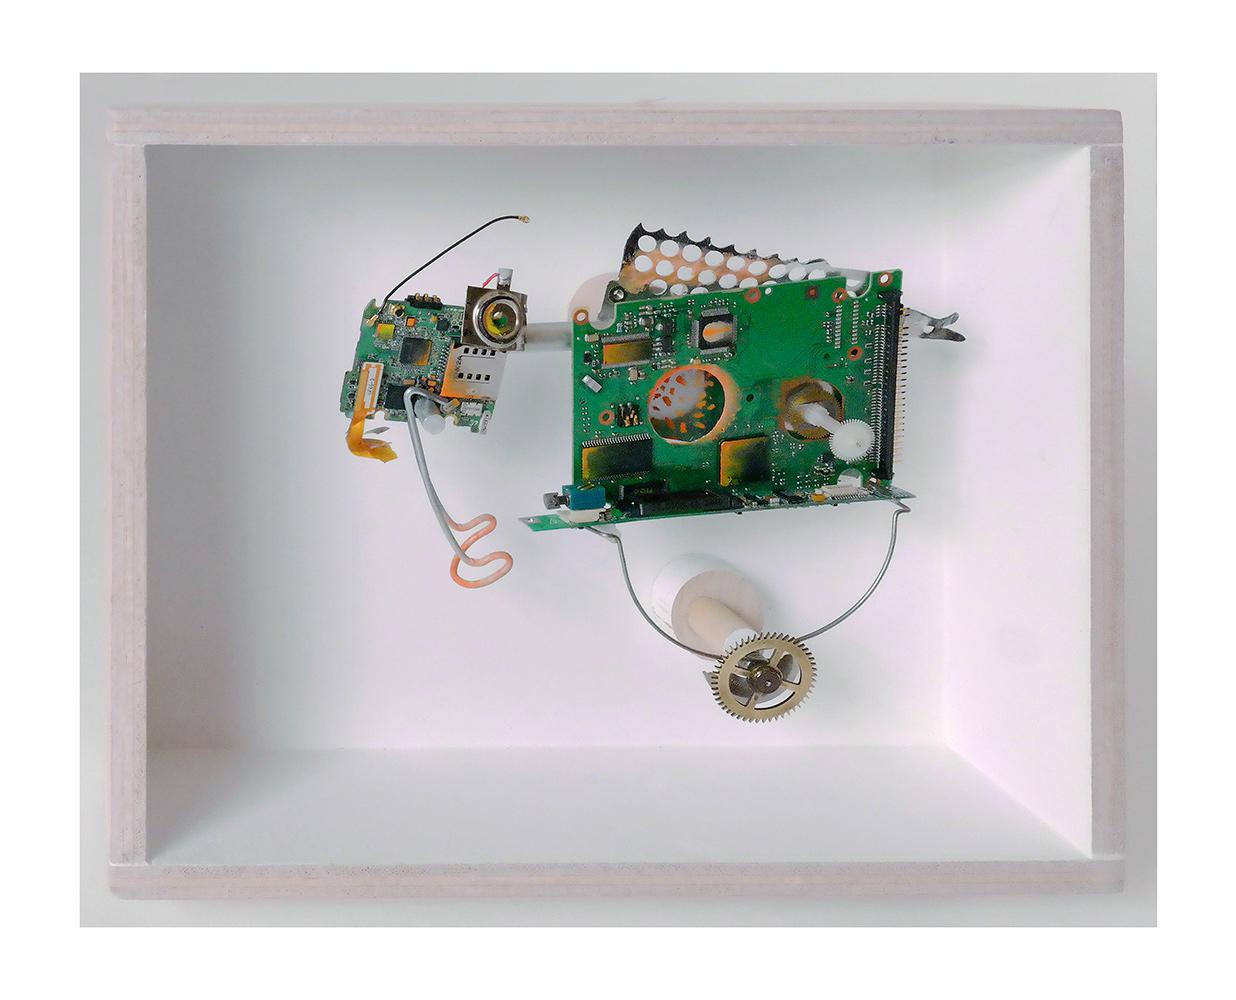 """ANIMAL DE CARGA B - 21'5x27'3x9 cm - Reciclaje y ensamblado - Serie Animalario - Proyecto S.O.S.tenible - Políptico """"Robotifauna"""" de 9 piezas - 2017 - Gata de Gorgos."""